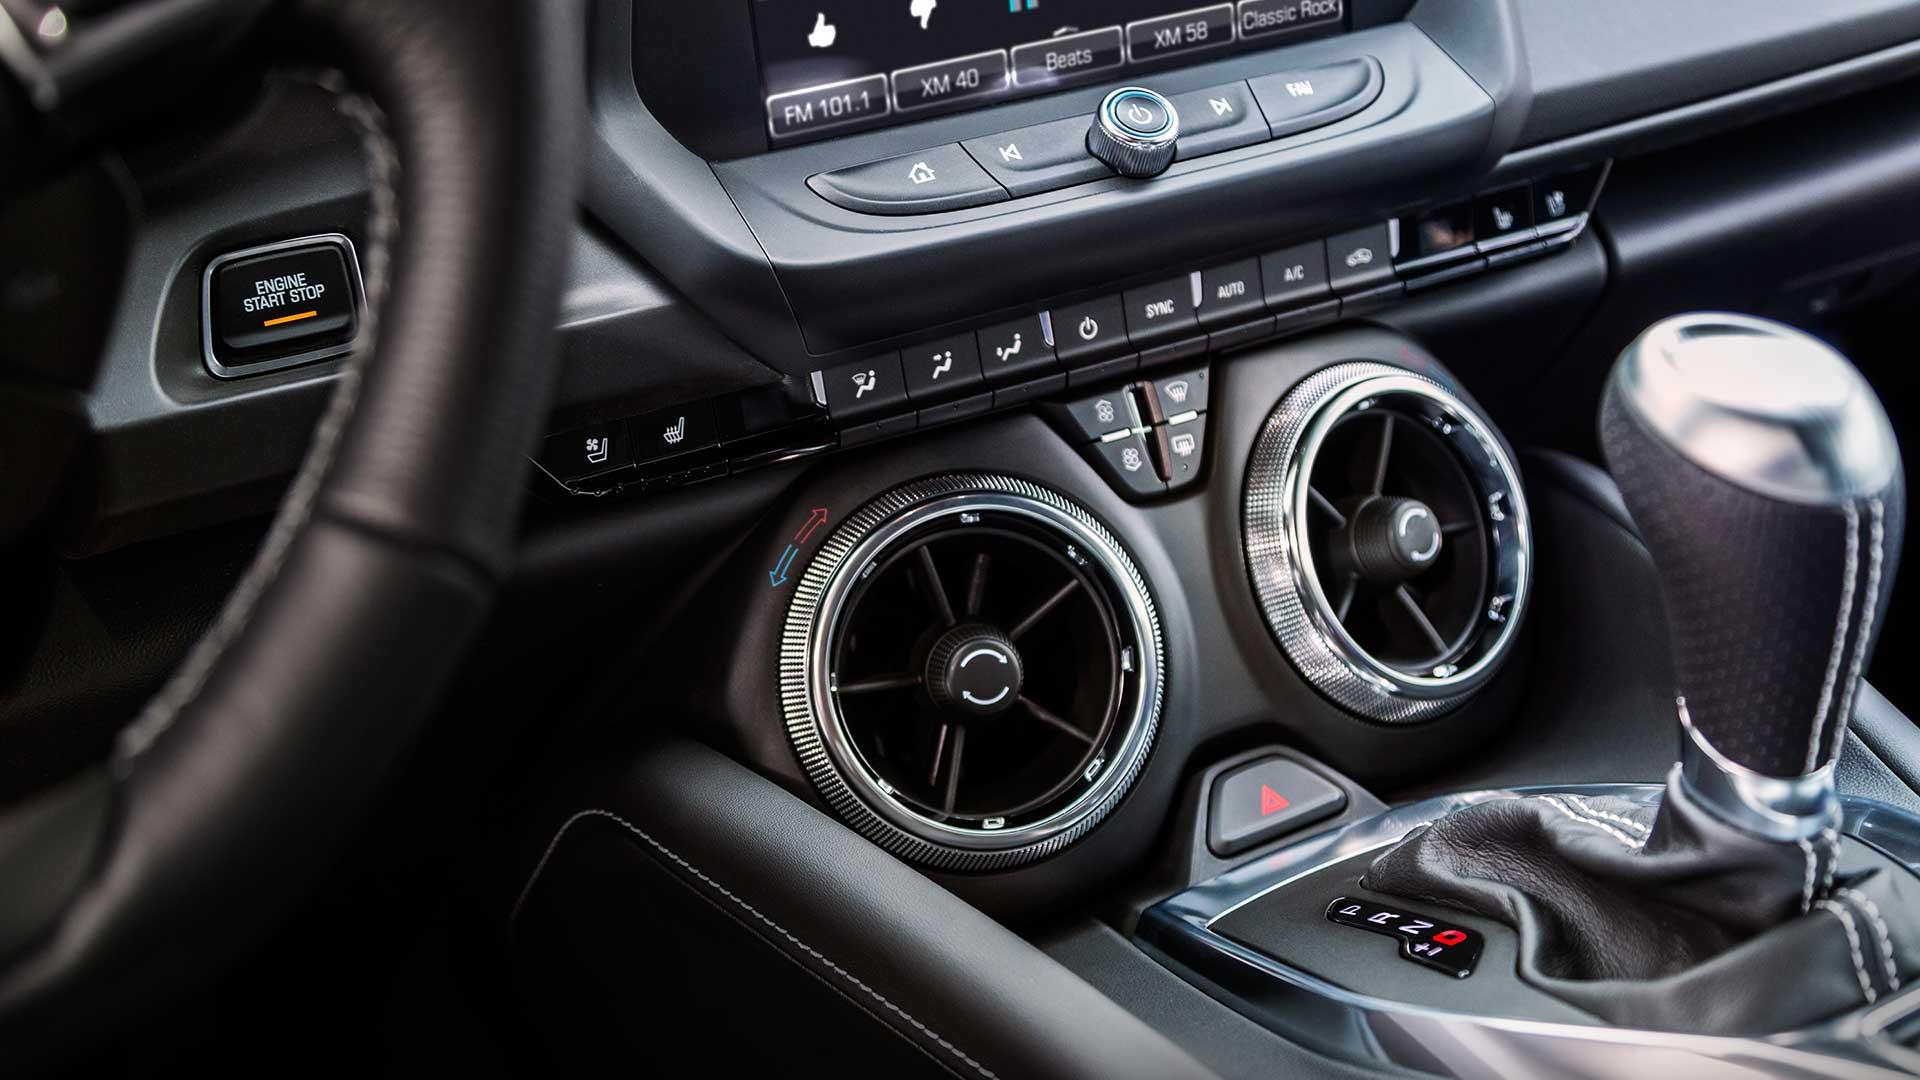 2017 Chevrolet Camaro Interior Side